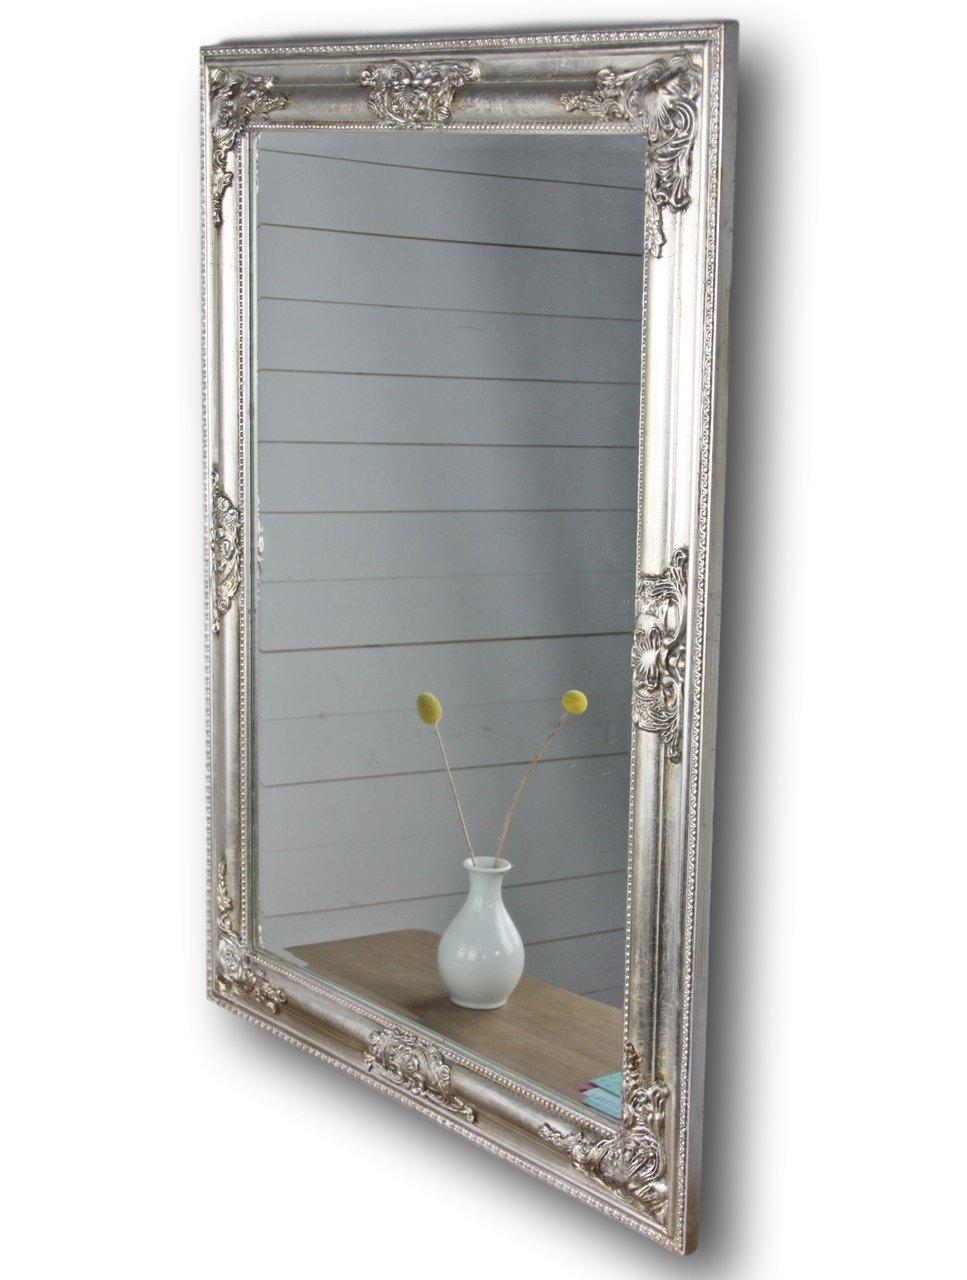 stile barocco in legno elbm/öbel.de Specchio da parete 62 x 52 cm bianco